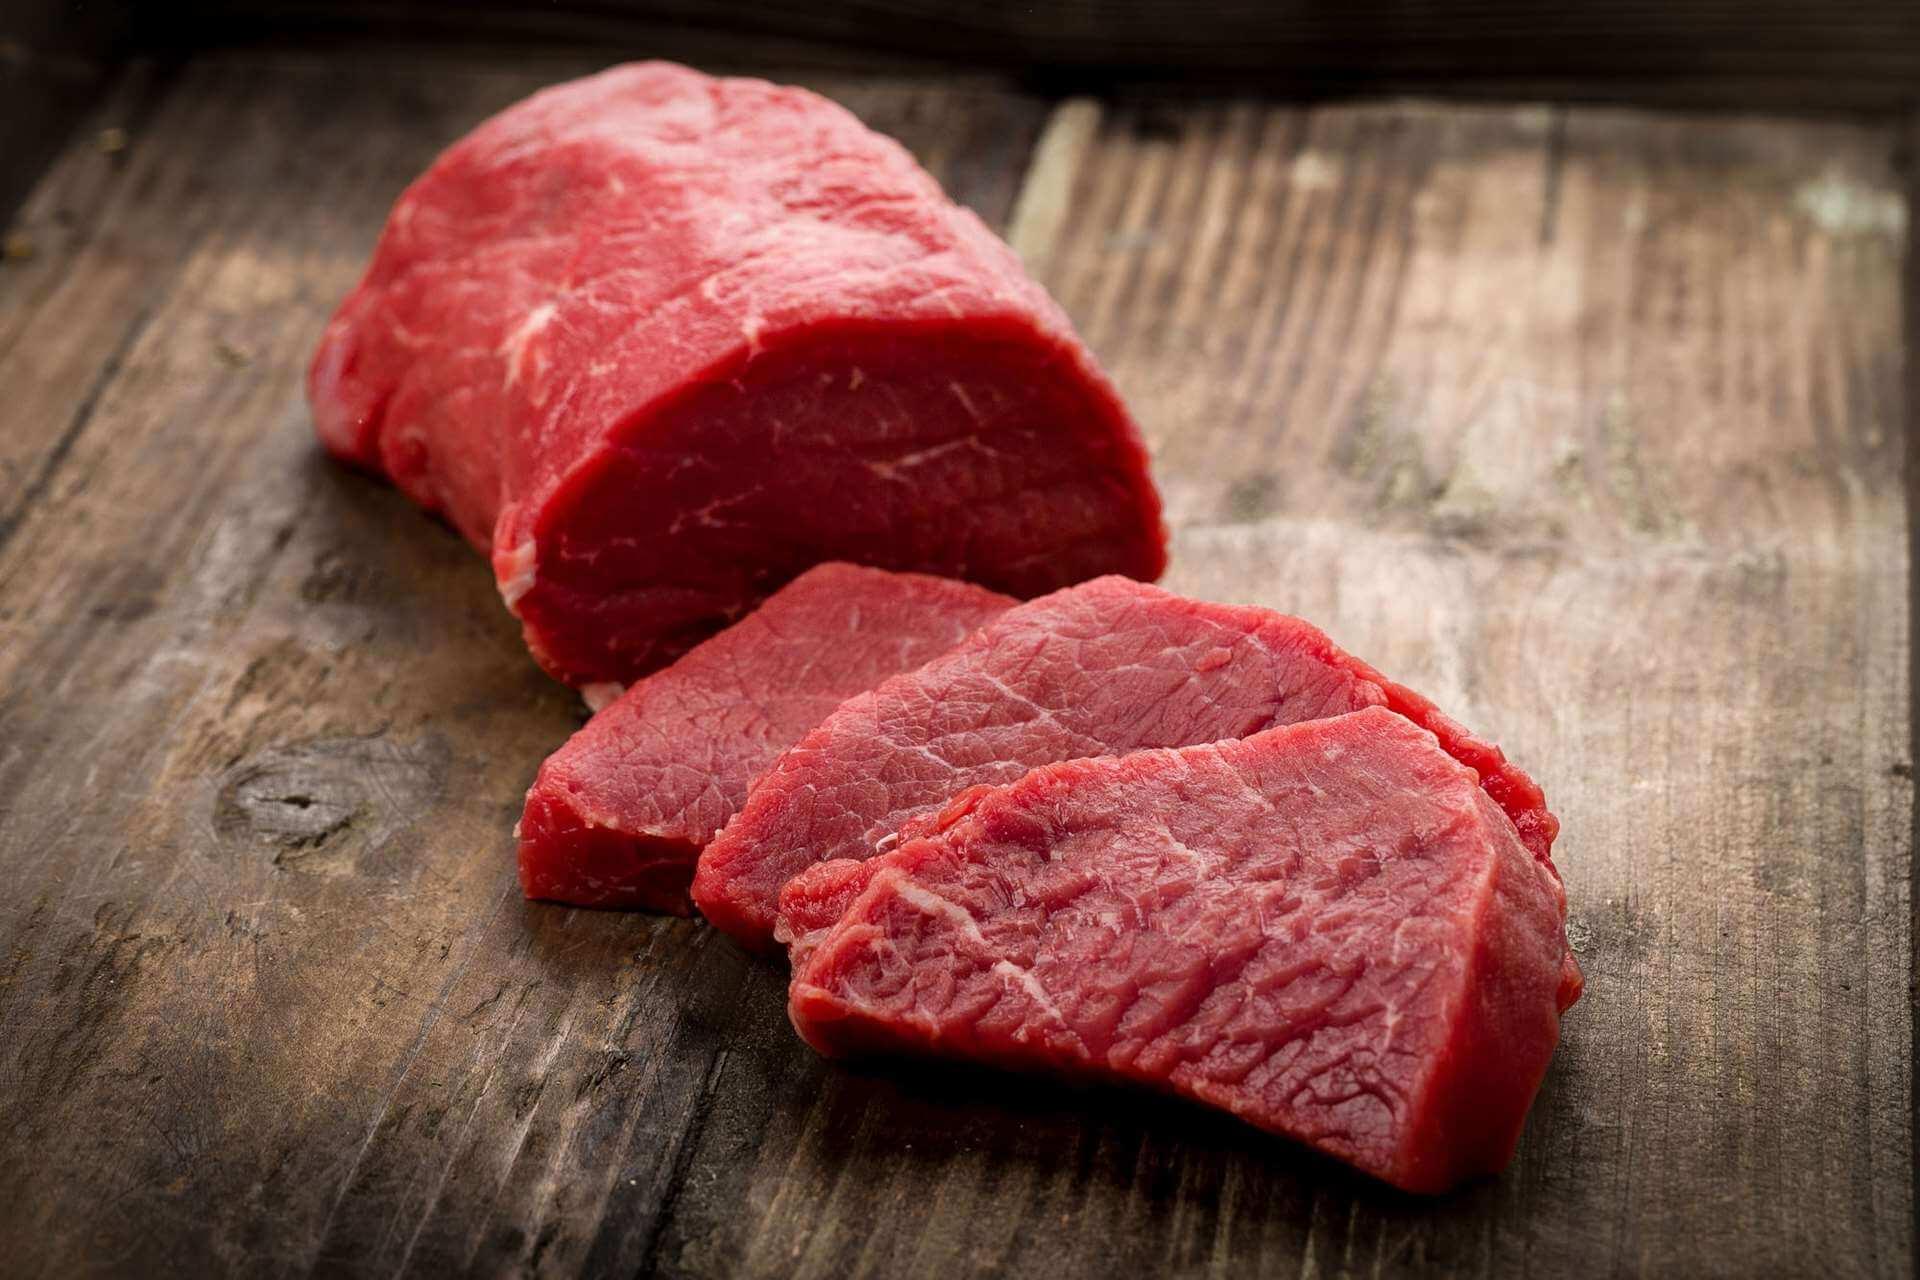 βουβαλίσιο κιμάς Κερκίνης, βουβαλίσιο κρέας, βουβαλισιοσ κιμασ, βουβαλισιος κιμασ, βουβάλι κερκινης, βουβαλισιο κρεασ κερκινησ